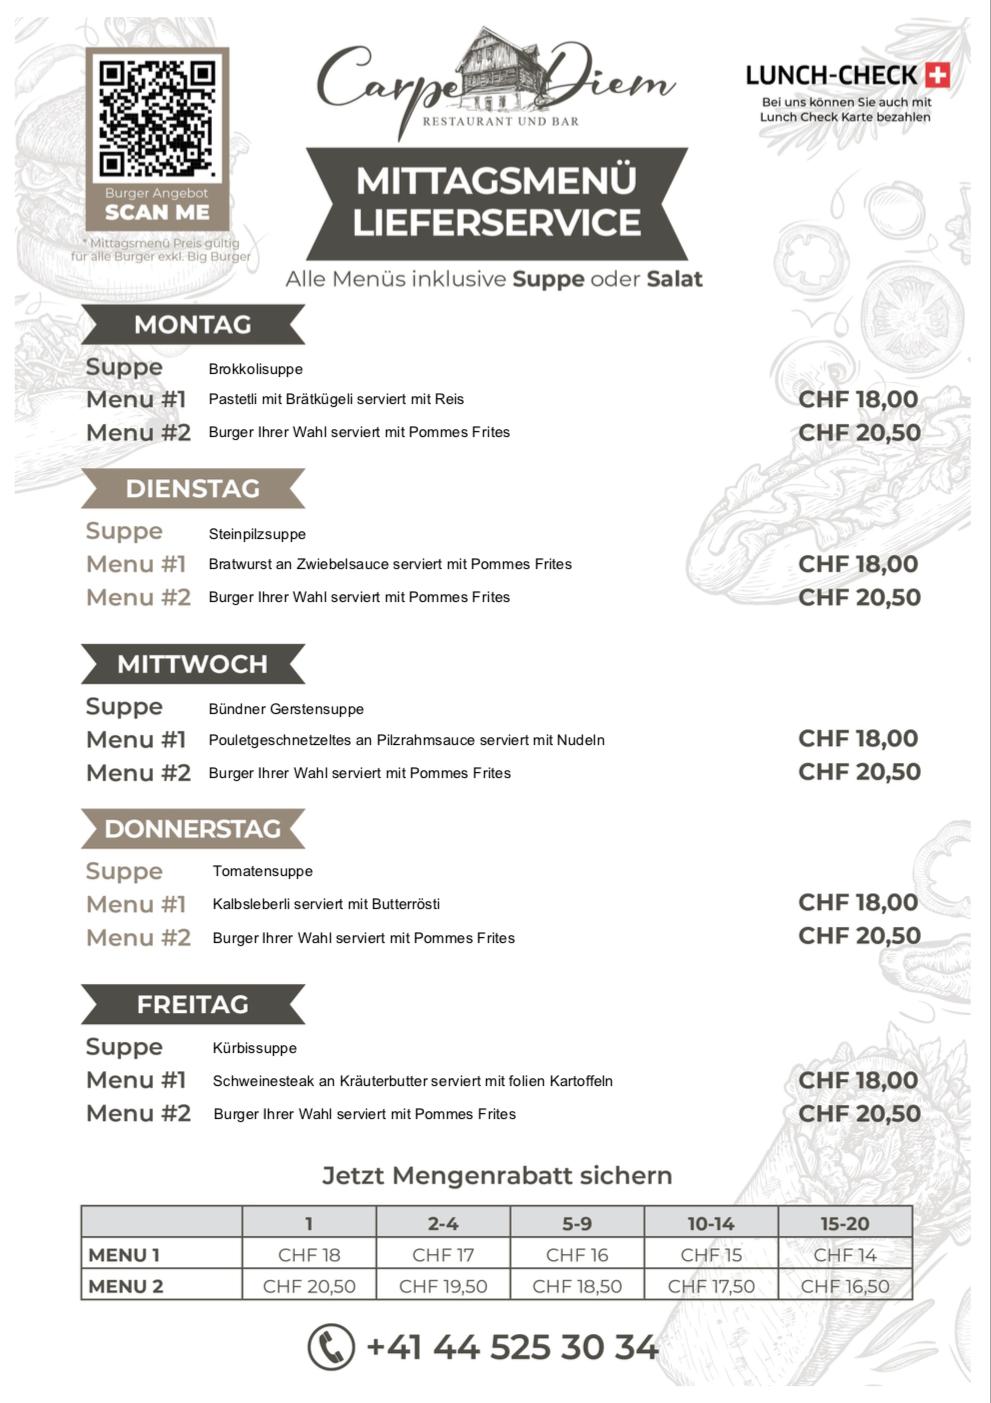 Carpe Diem Lieferservice Mittags Menü Angebot KW42